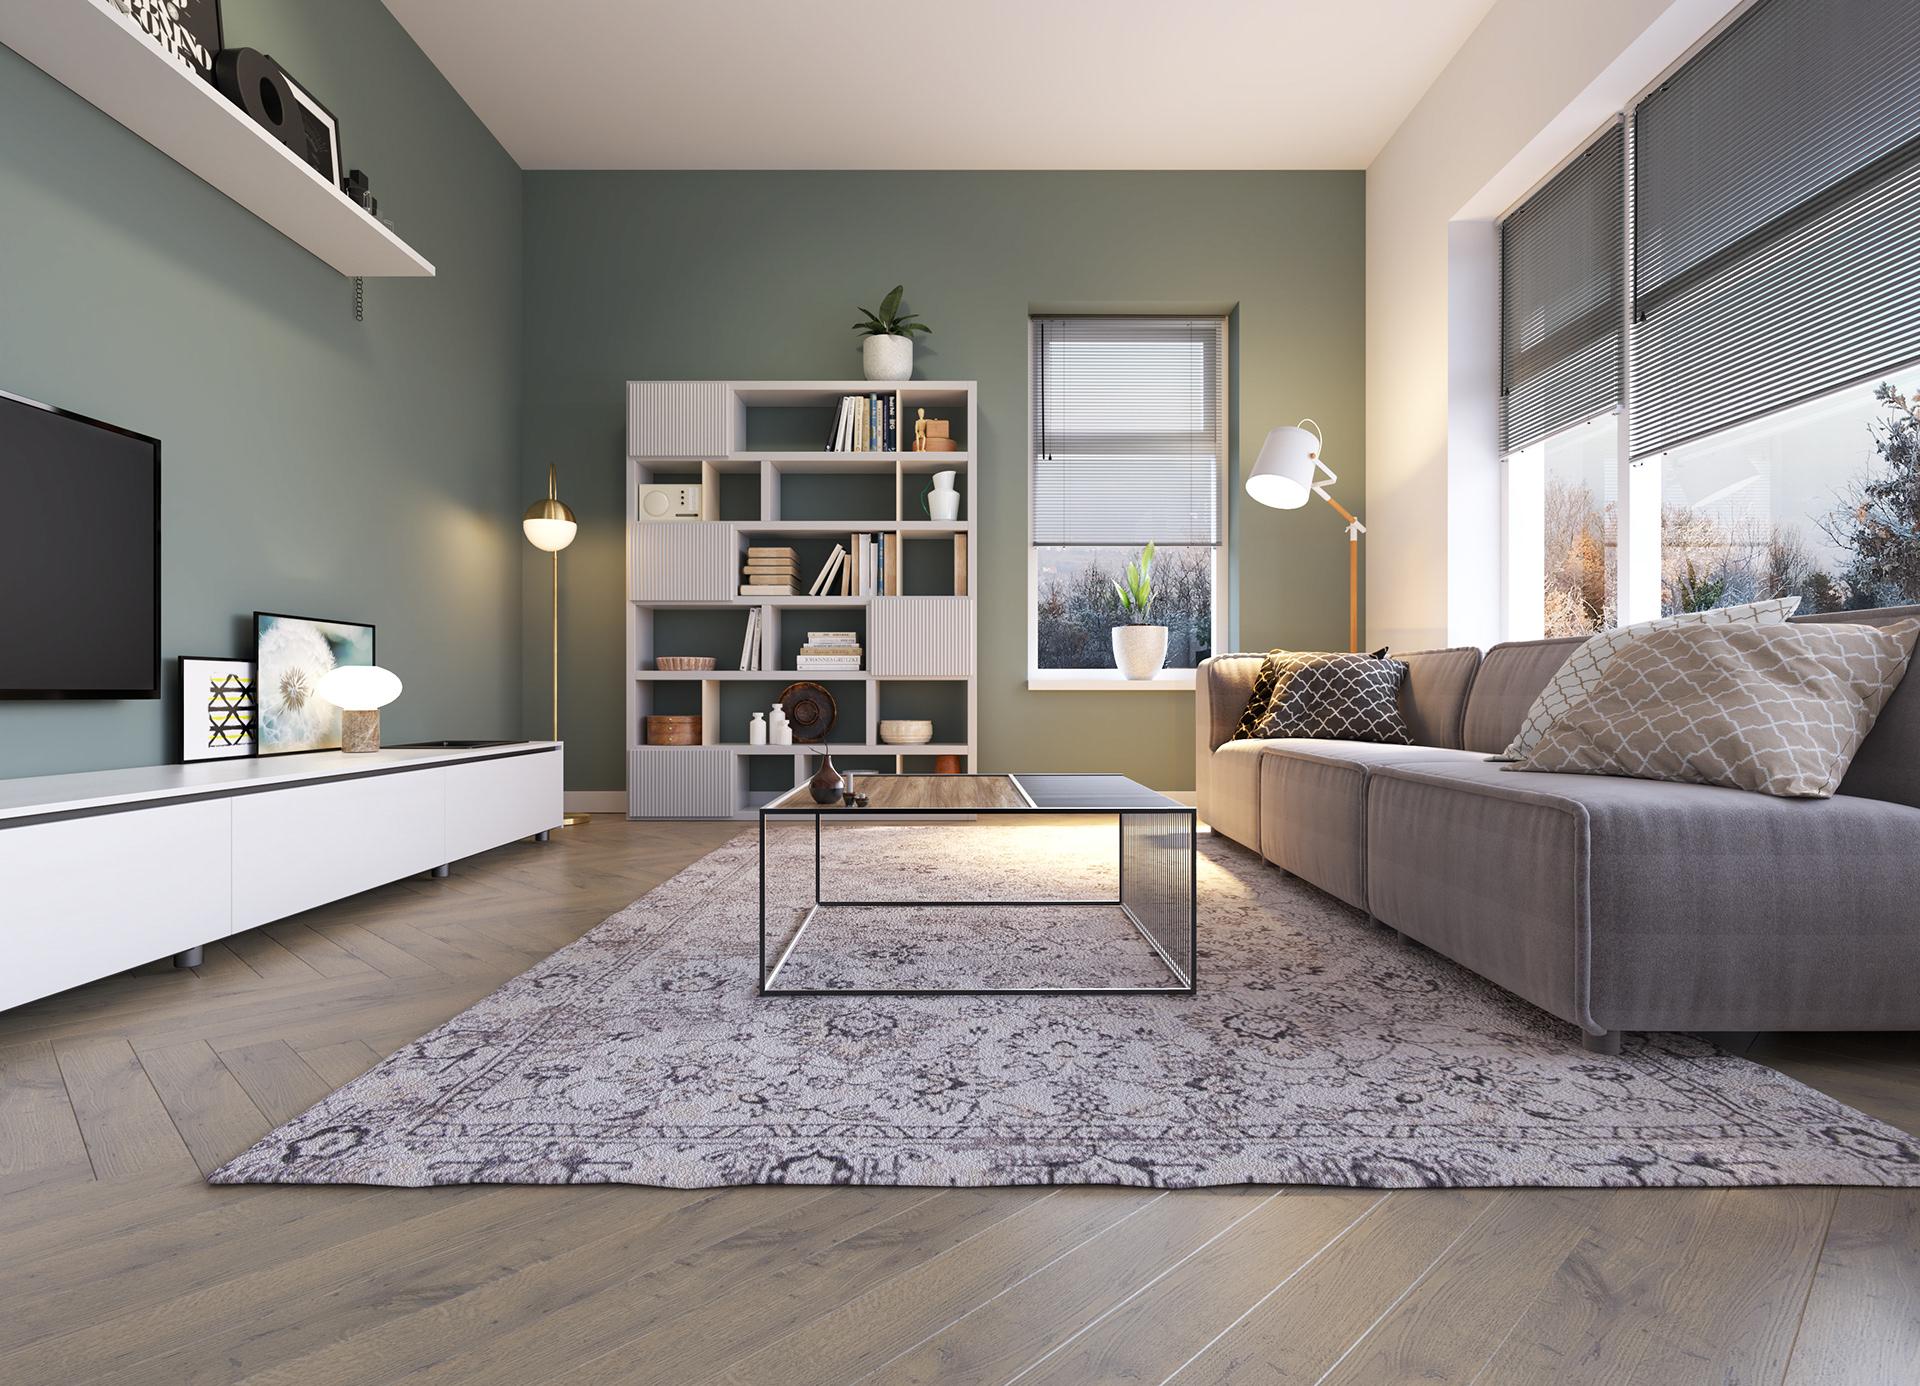 Woningbouw_3D_impressies